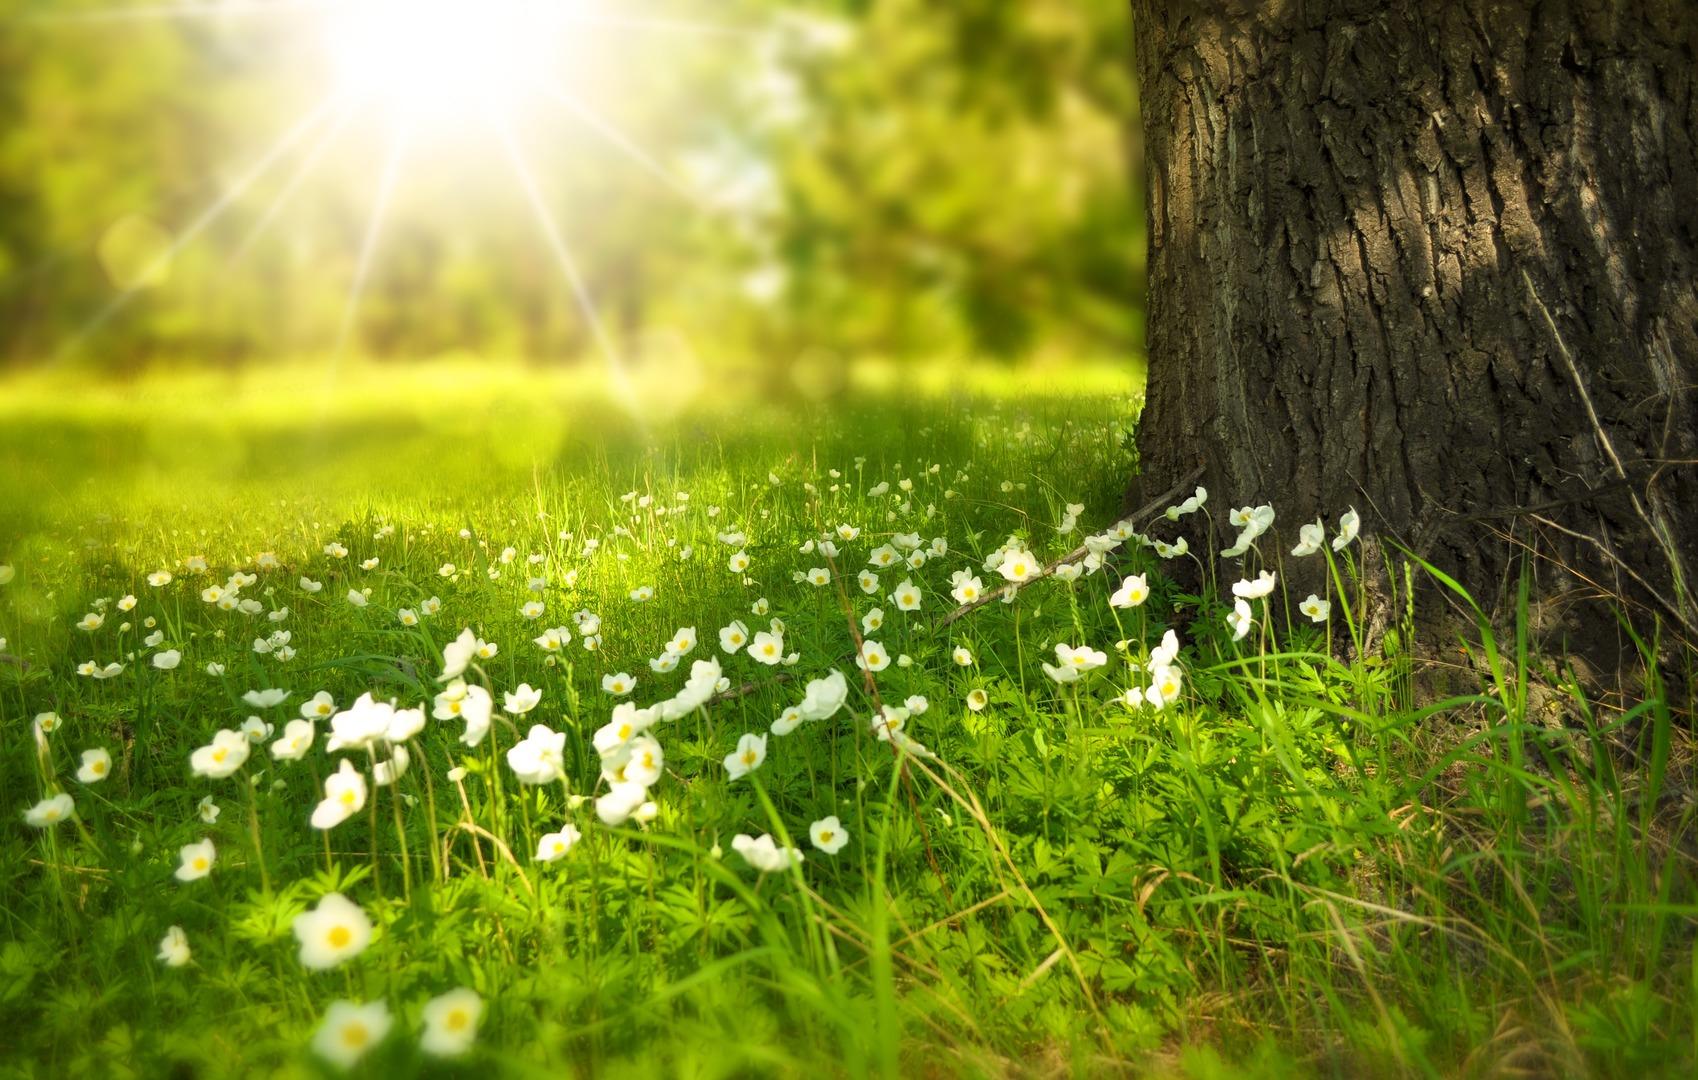 download wallpaper: bloemetjes in het bos wallpaper